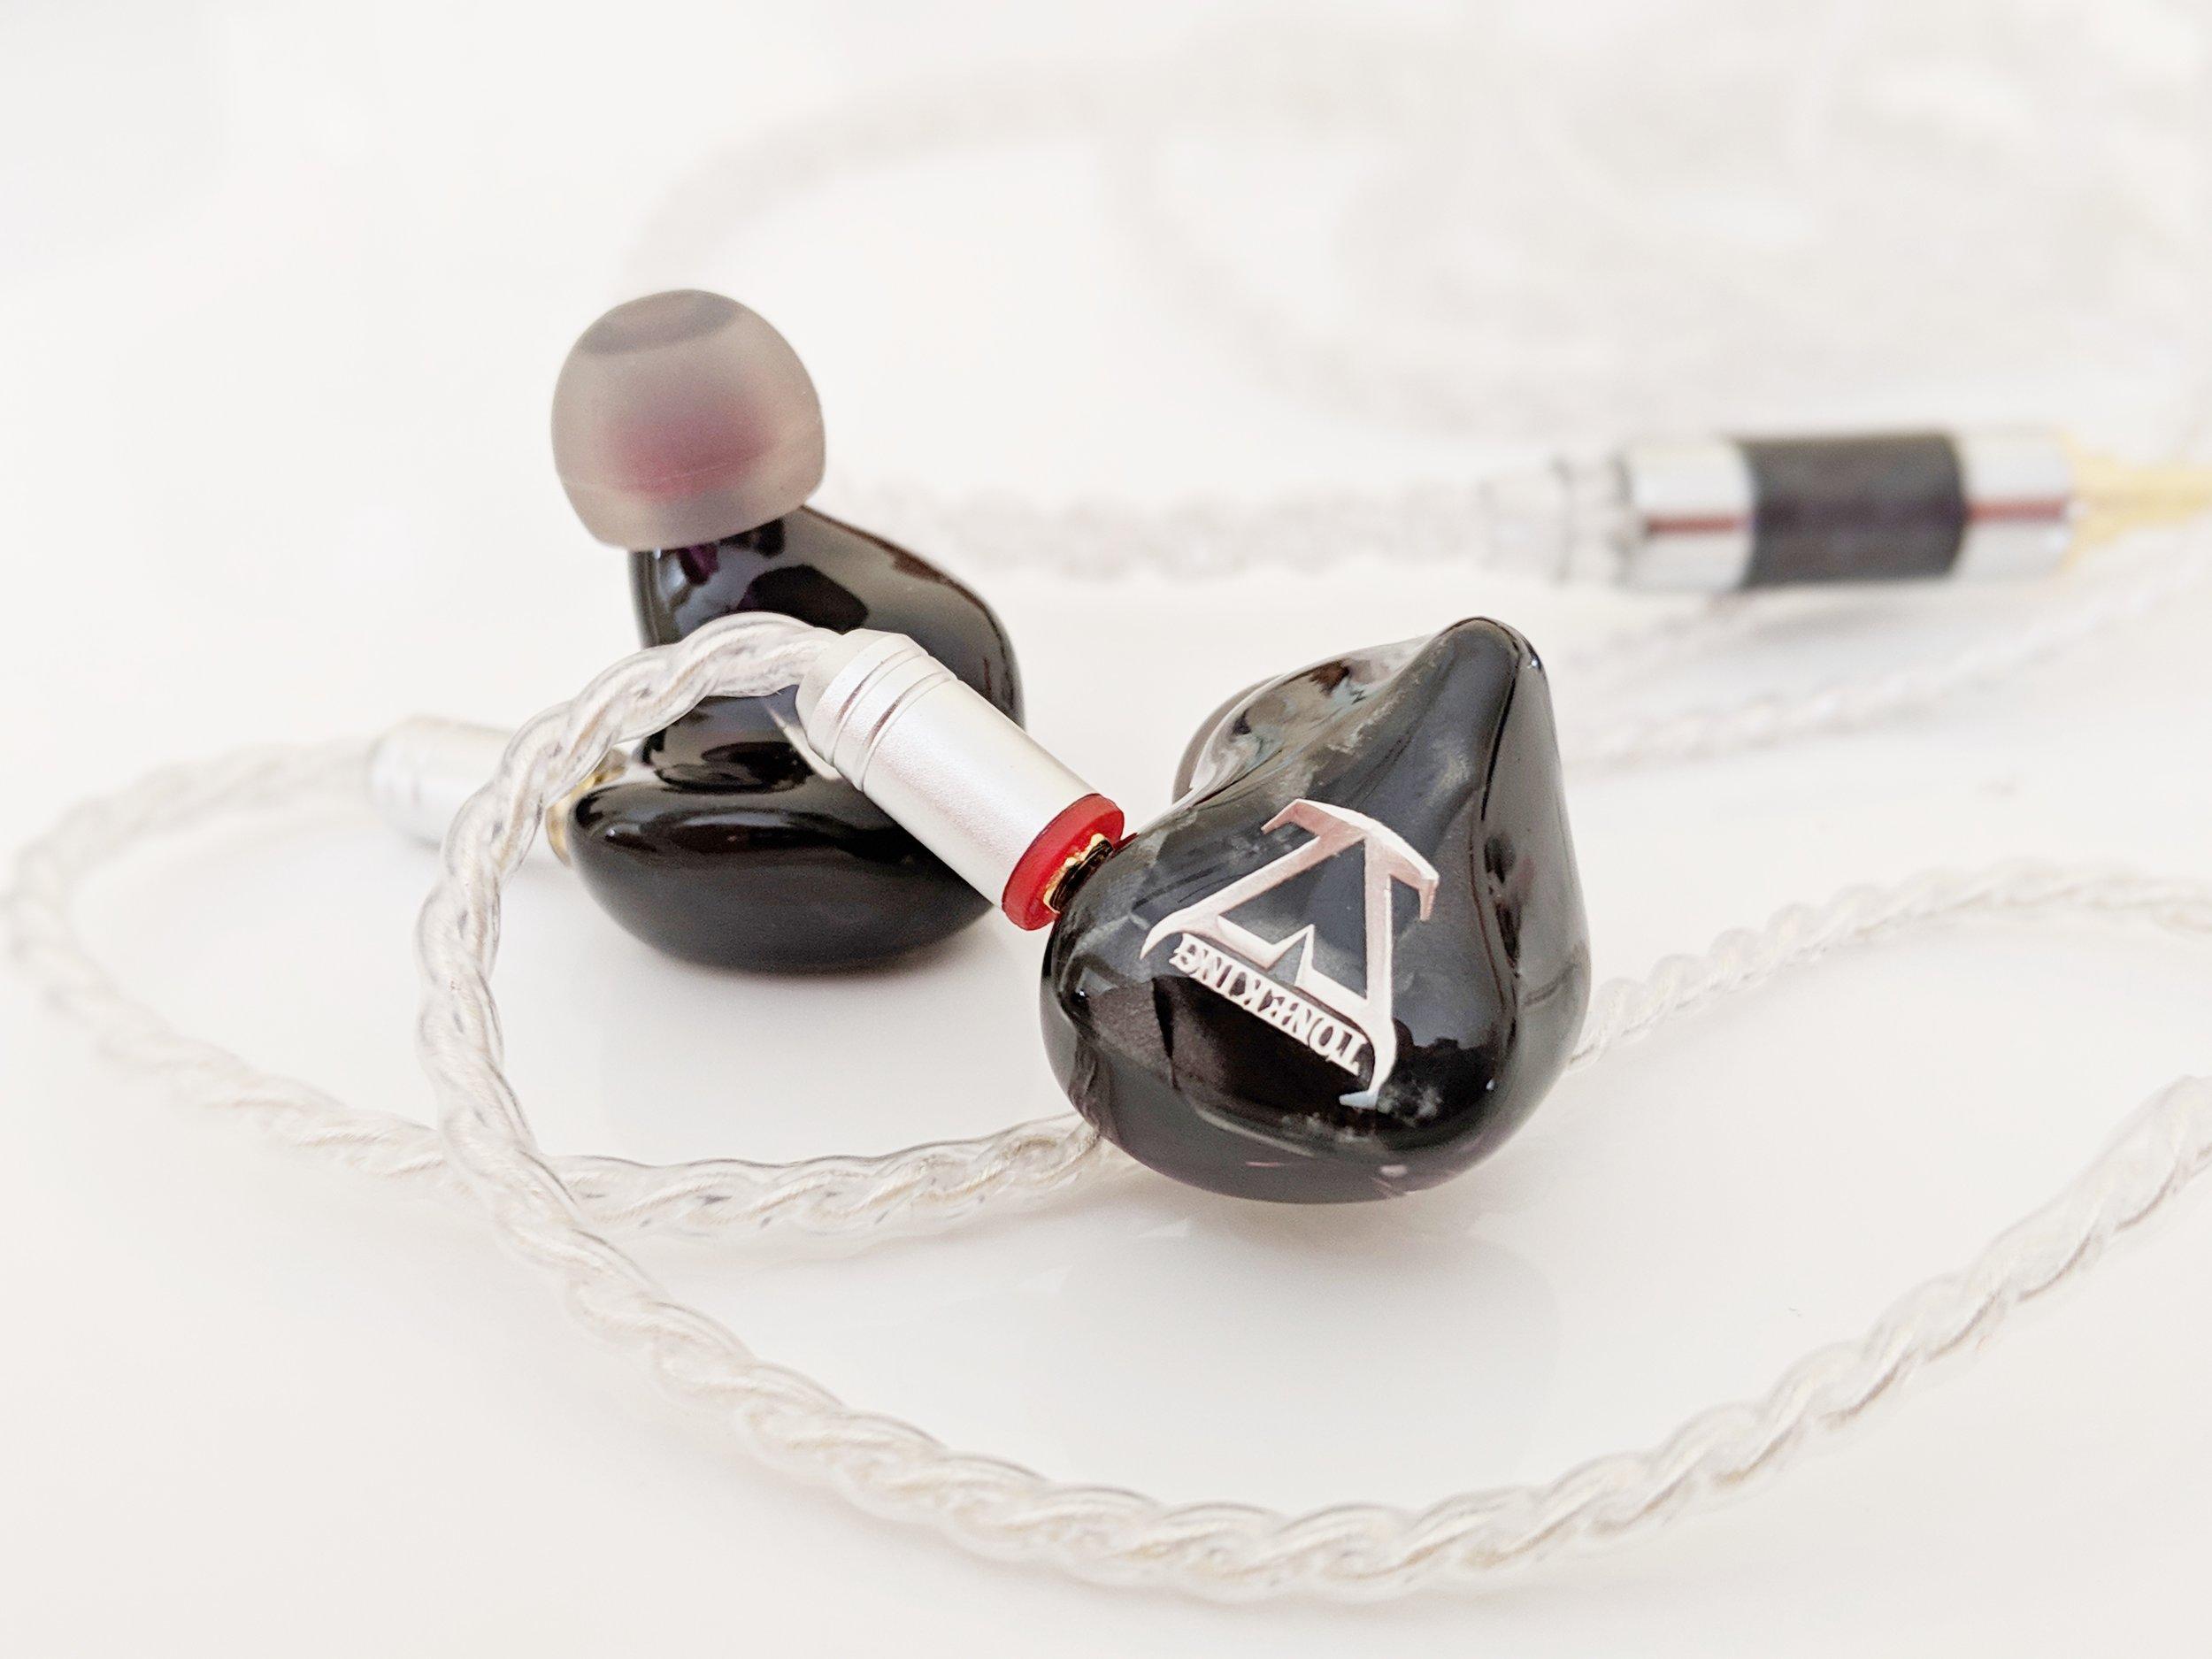 Toneking T4 earphones with MMCX headphone cable.